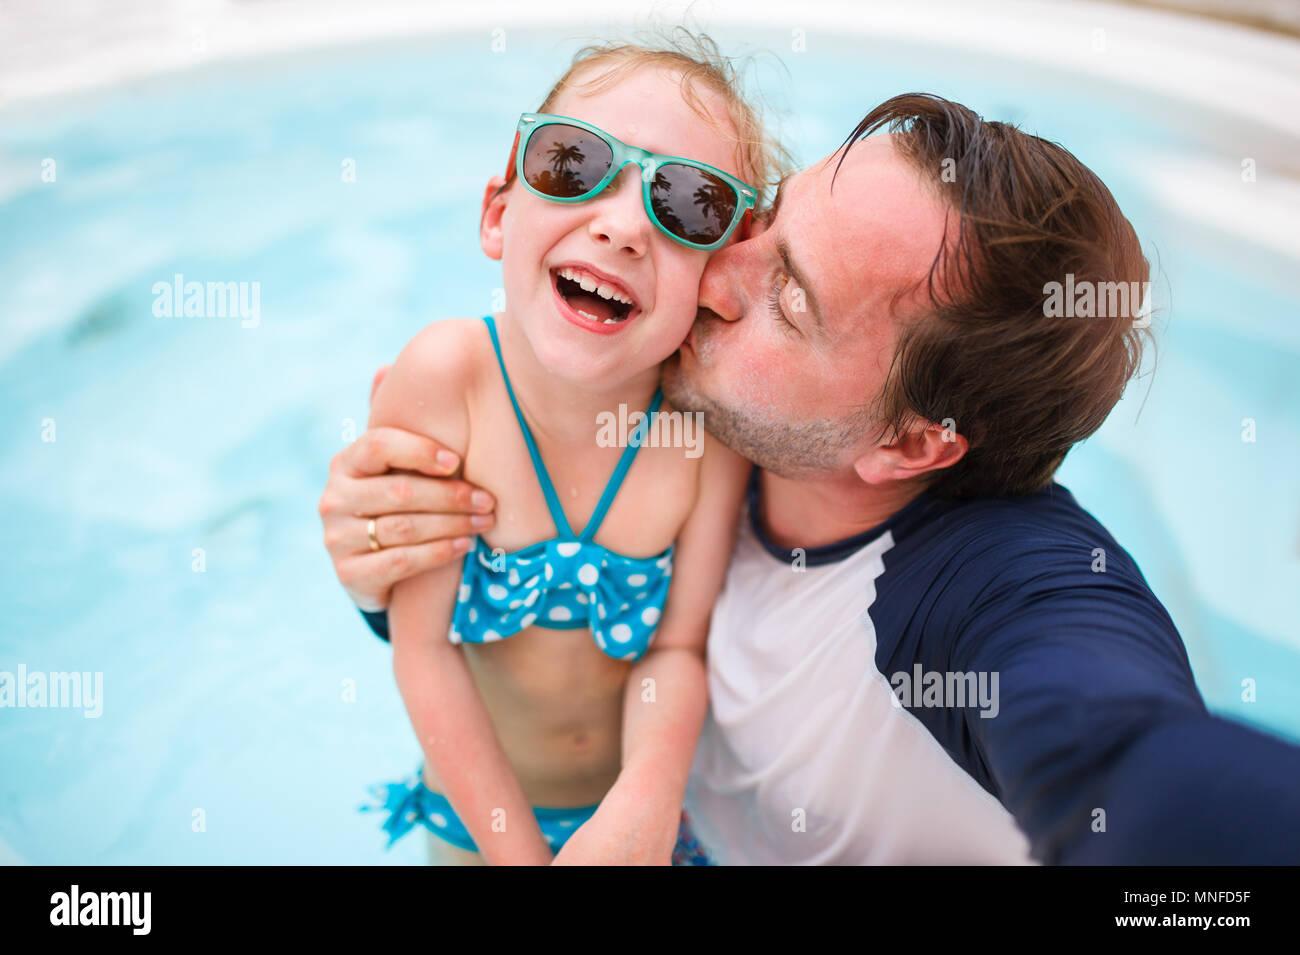 La famiglia felice padre e sua adorabile figlia piccola a piscina all'aperto rendendo selfie Immagini Stock